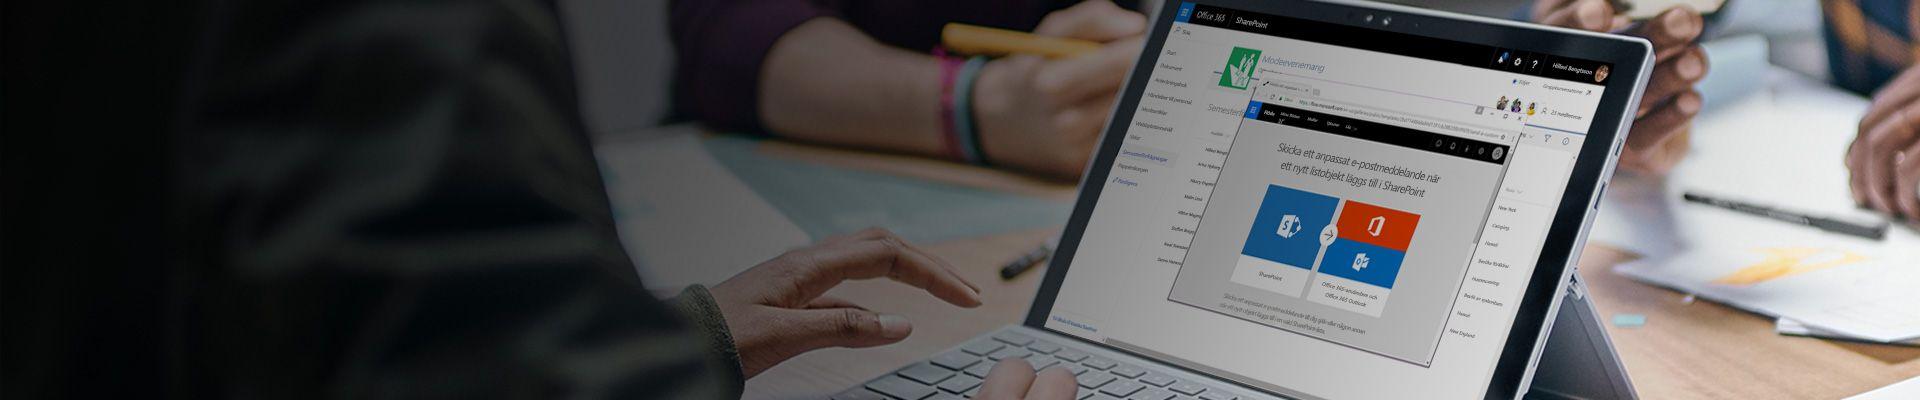 Flow och SharePoint körs på en bärbar dator